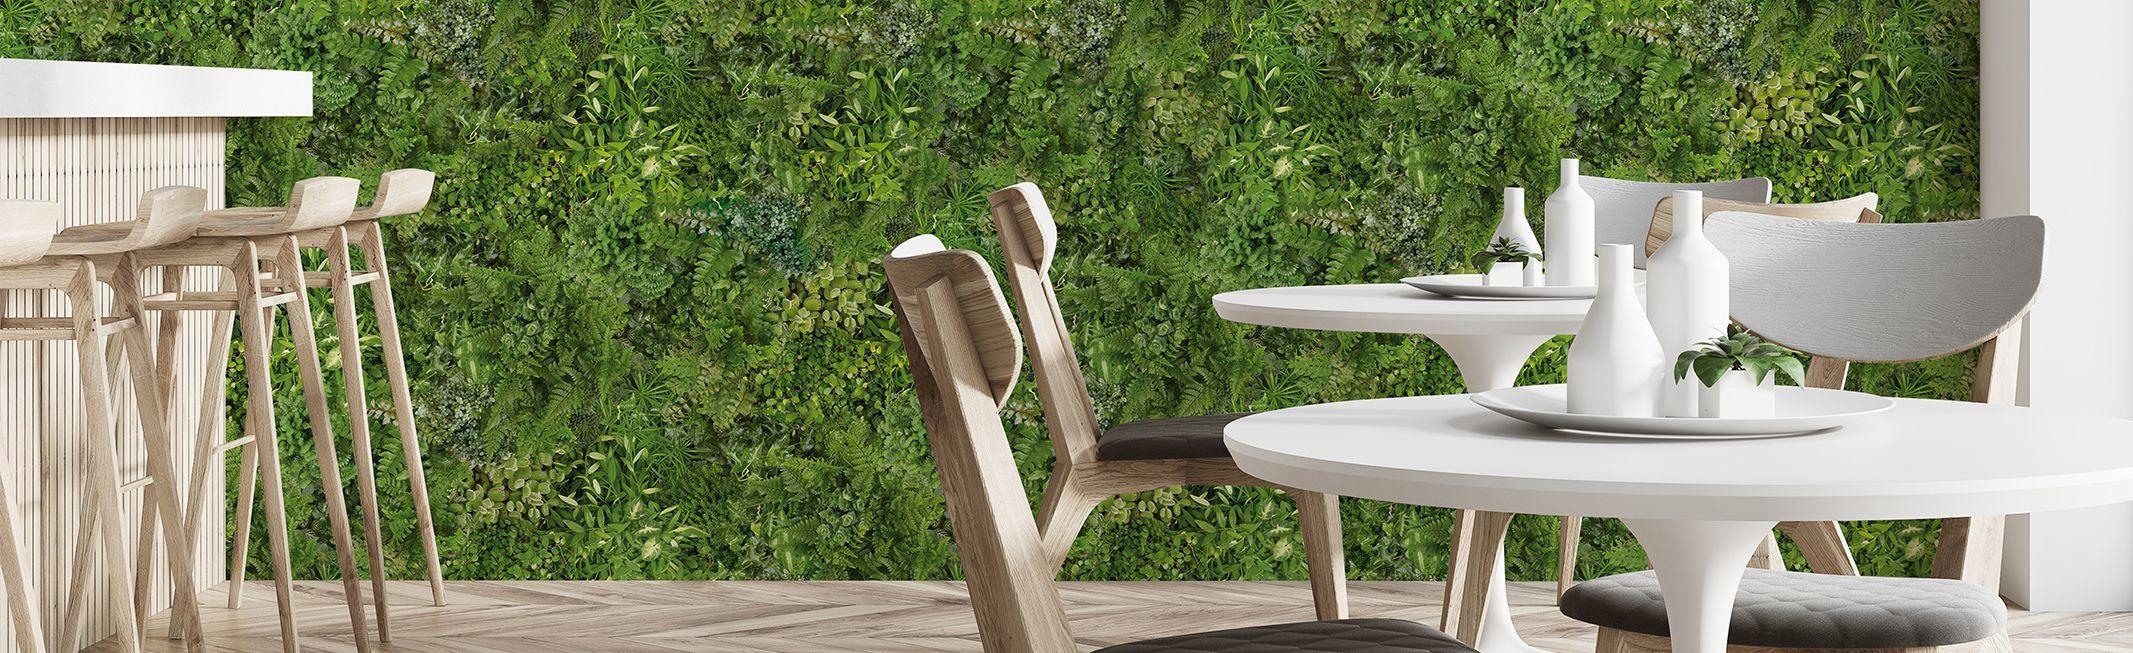 Panoramique Rideau végétal